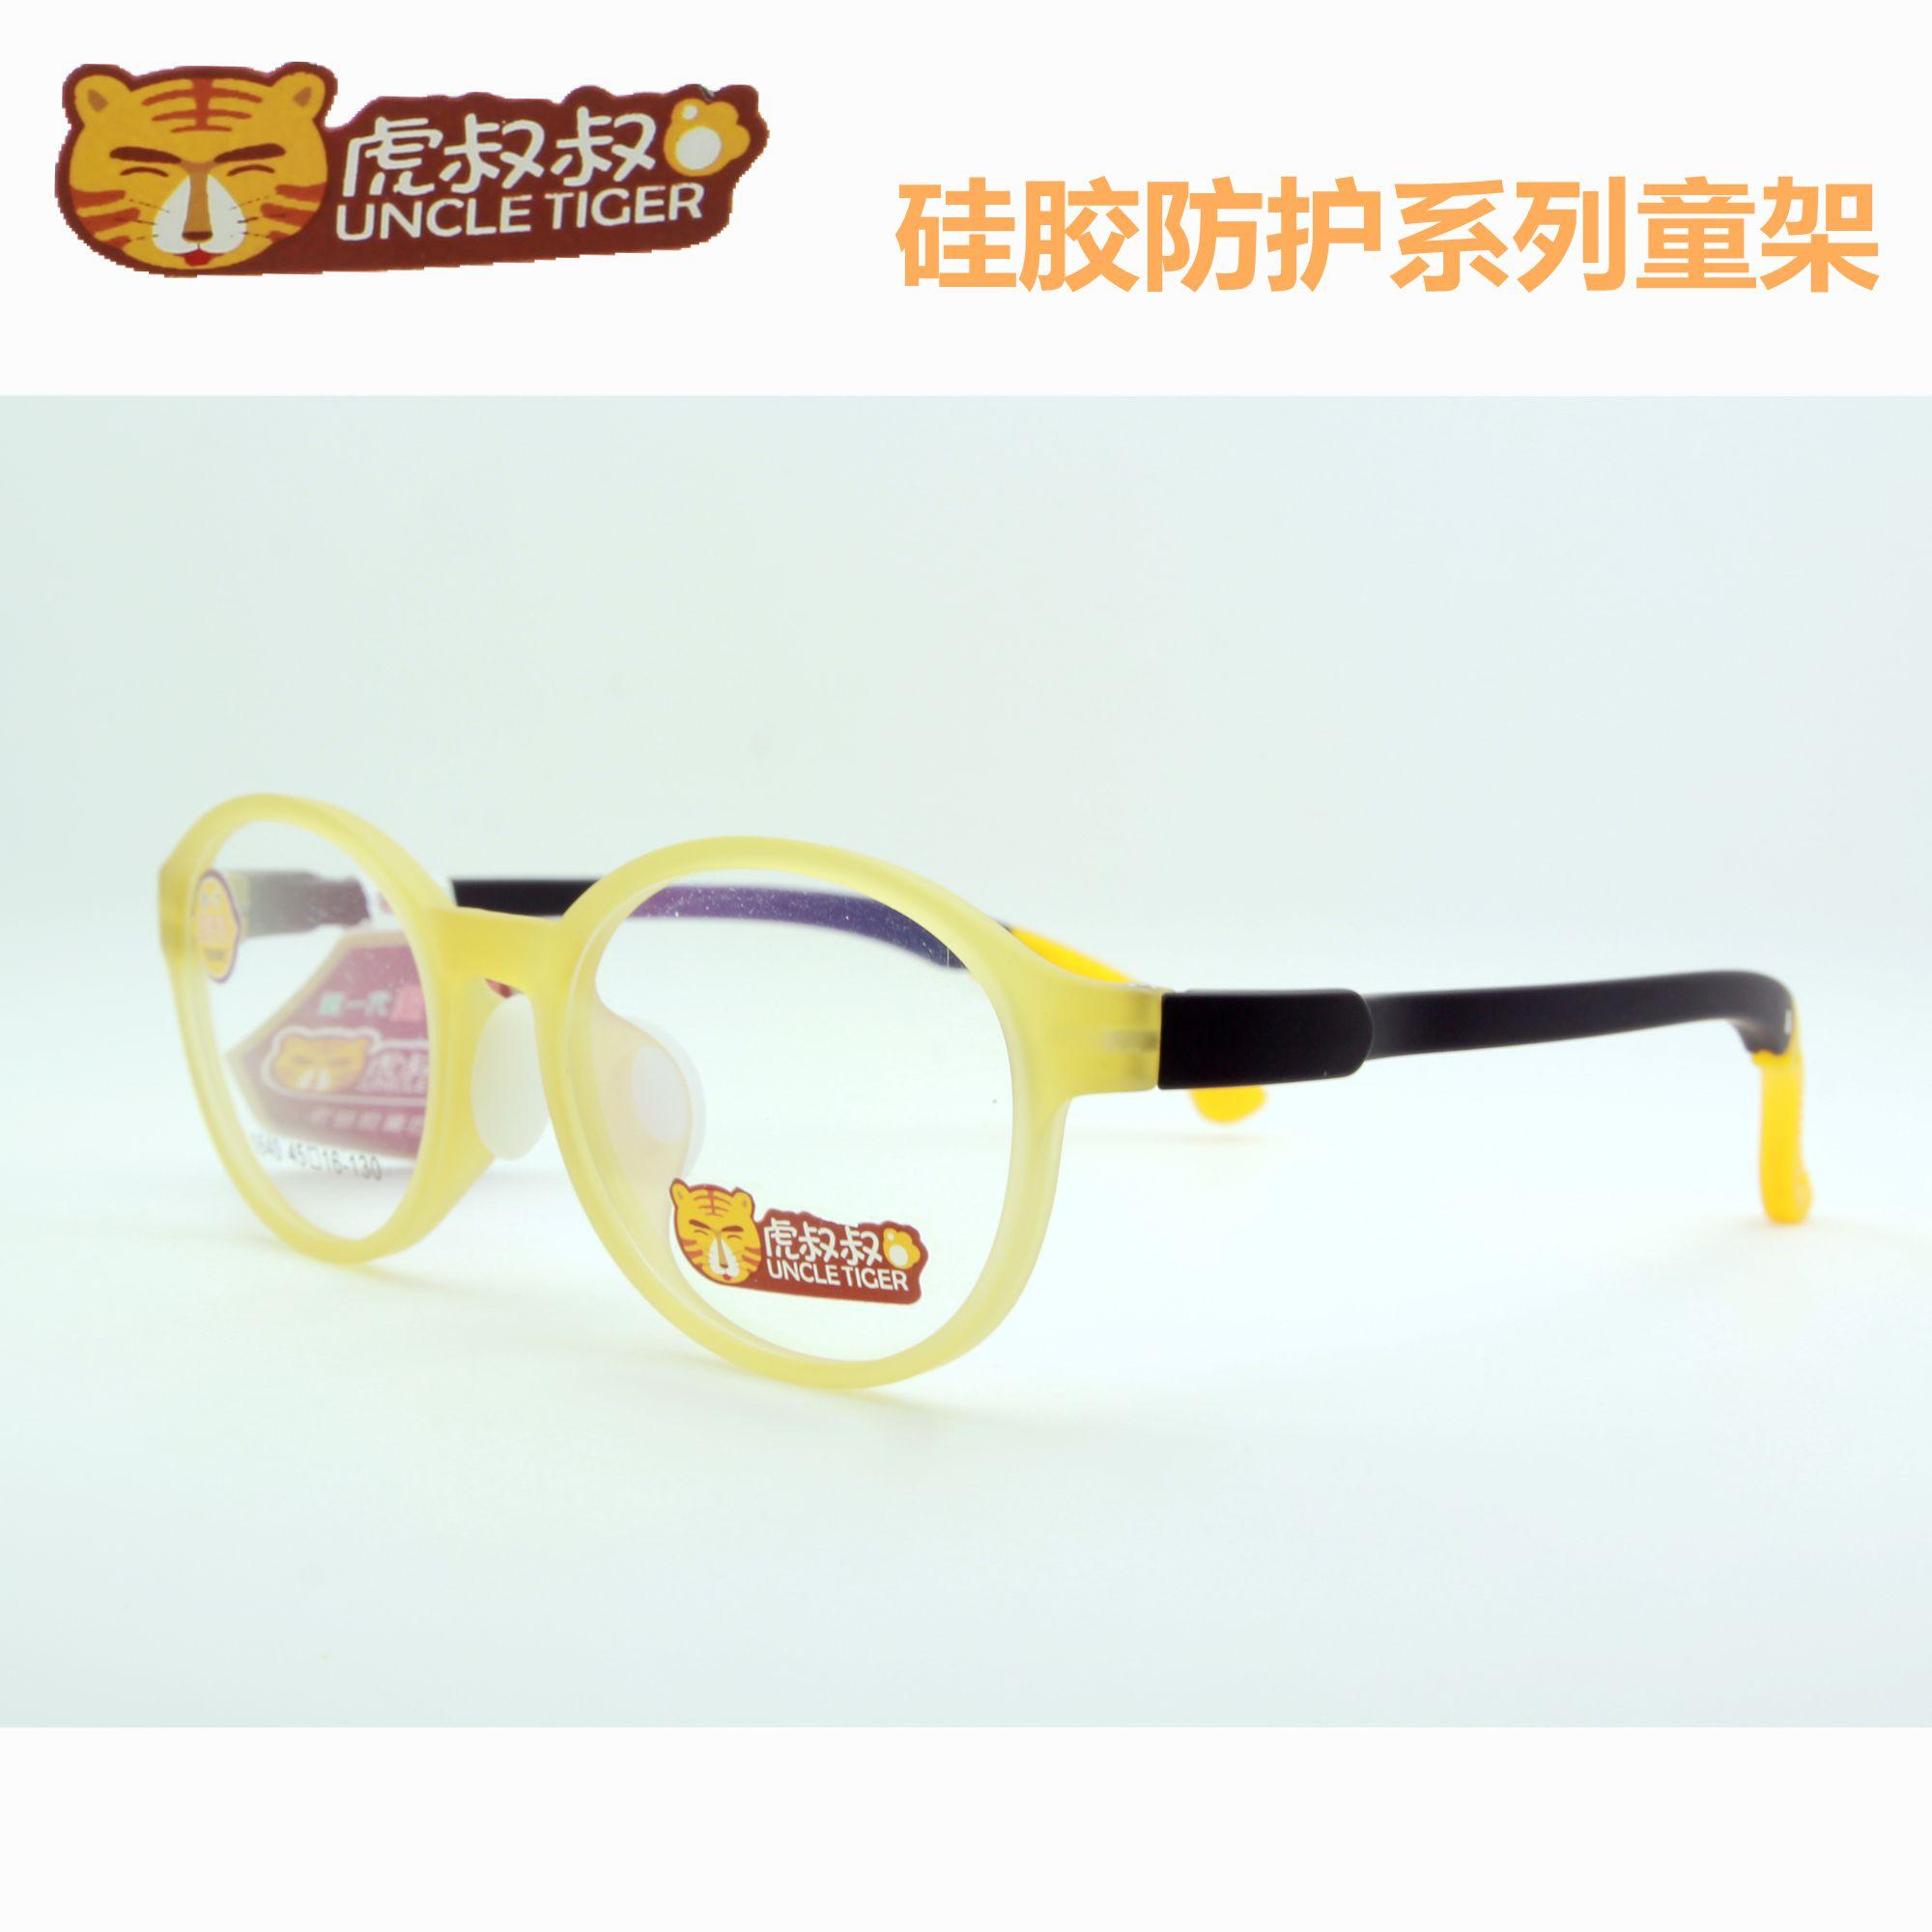 虎叔叔幼儿青少的儿童眼镜框架全框舒适弯折腿硅胶鼻托多色彩安全